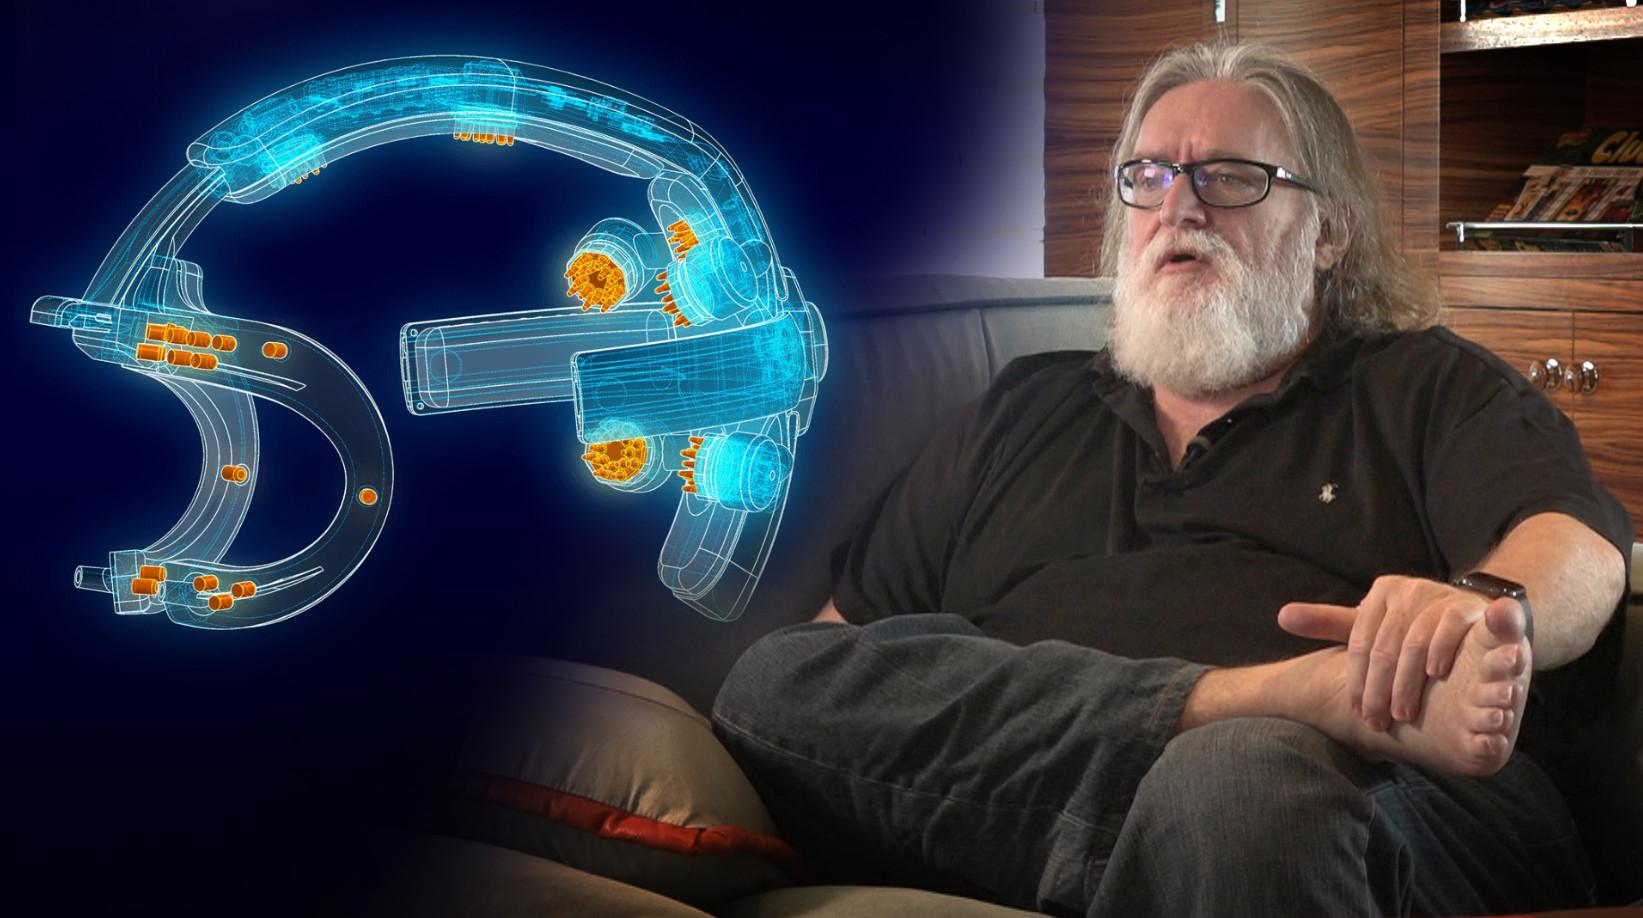 """G胖大赞脑机接口技术 游戏体验远超""""肉体外设"""""""